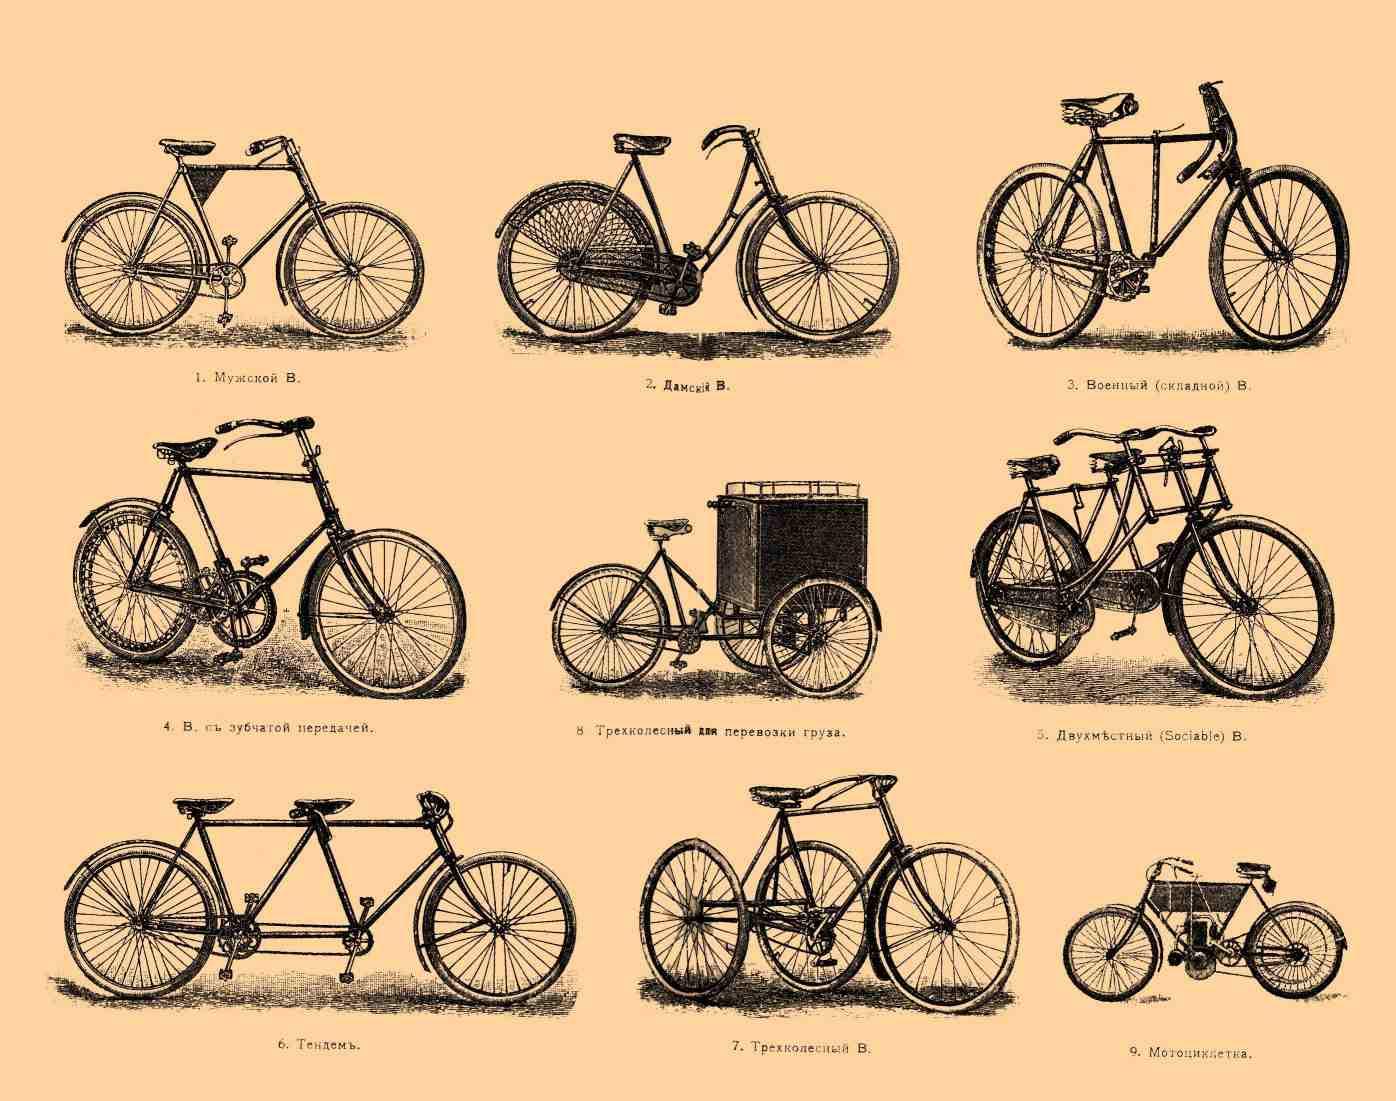 ...схема Bycykler не раз выигрывала всевозможные награды как одна из самых разумных систем аренды велосипедов.